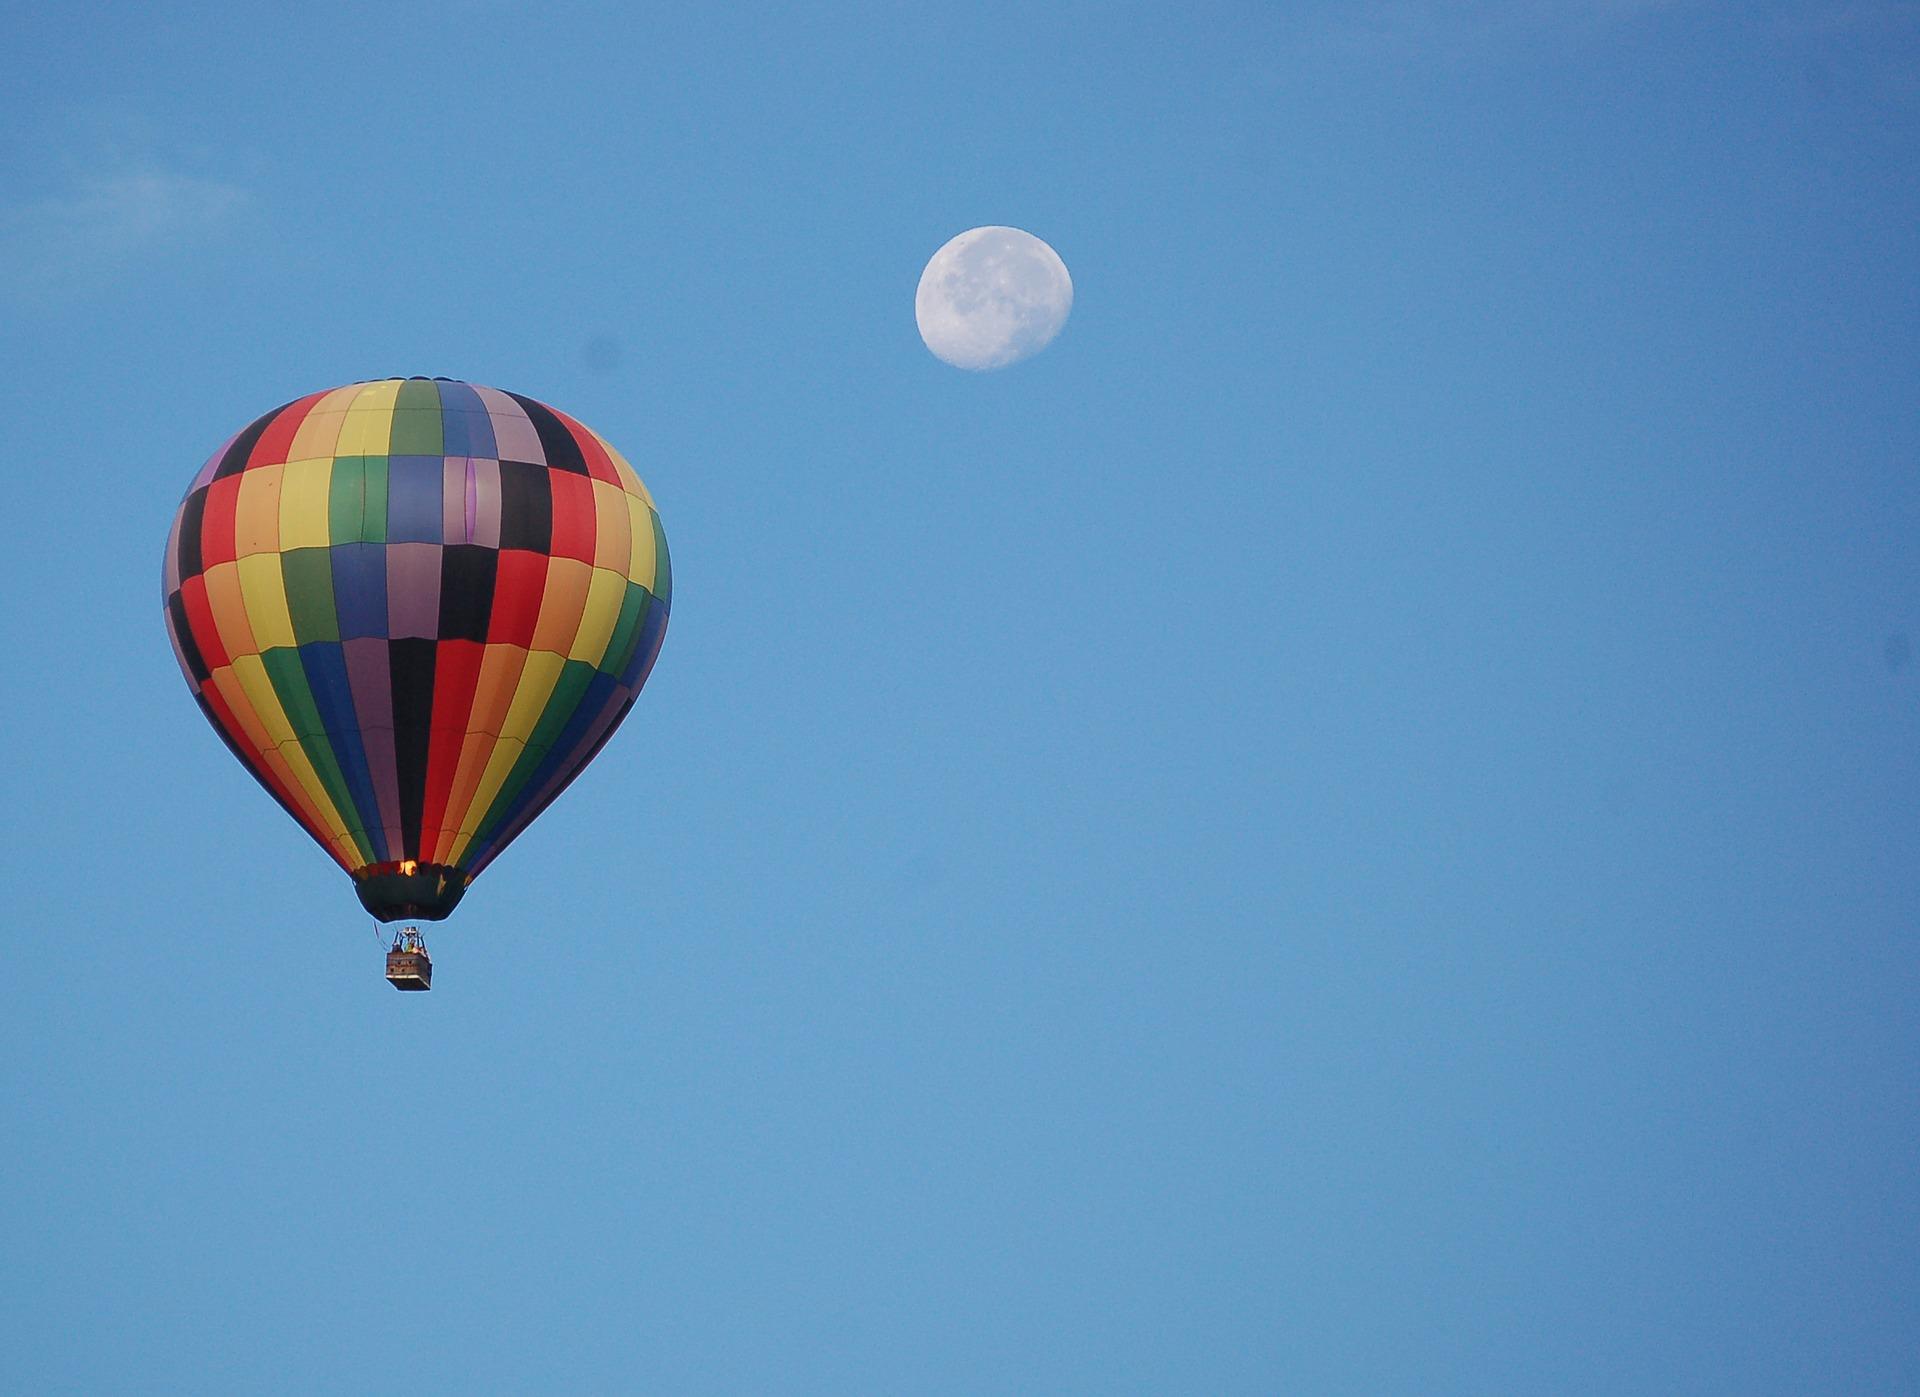 сделать предложение руки и сердца на воздушном шаре (7)